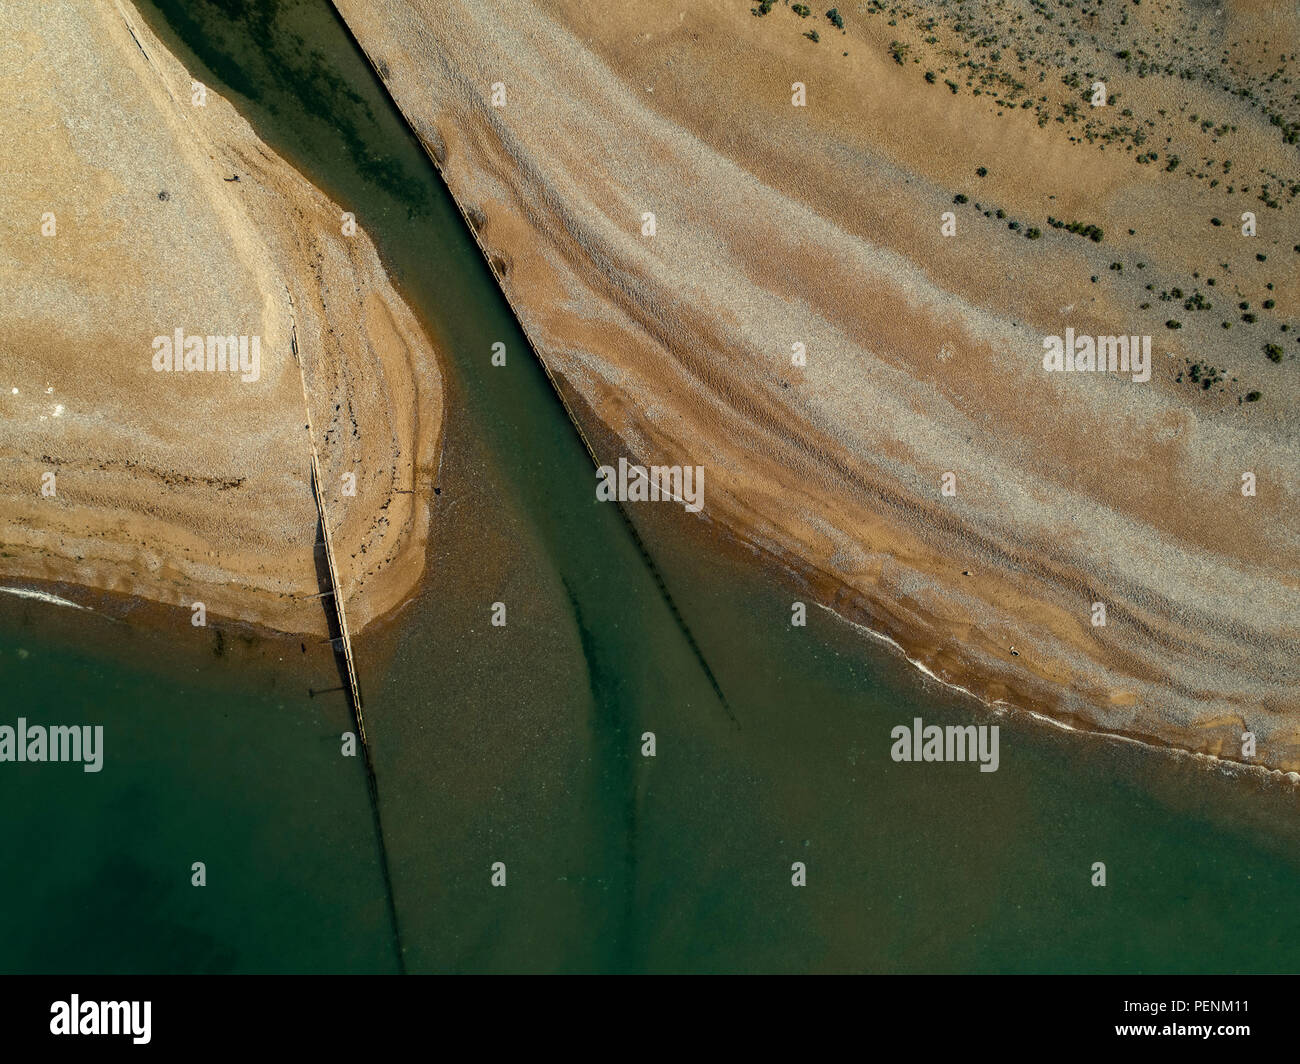 Drone telecamera puntata direttamente verso il basso sul Cuckmere Haven spiaggia come si vola sopra la bocca del fiume Foto Stock